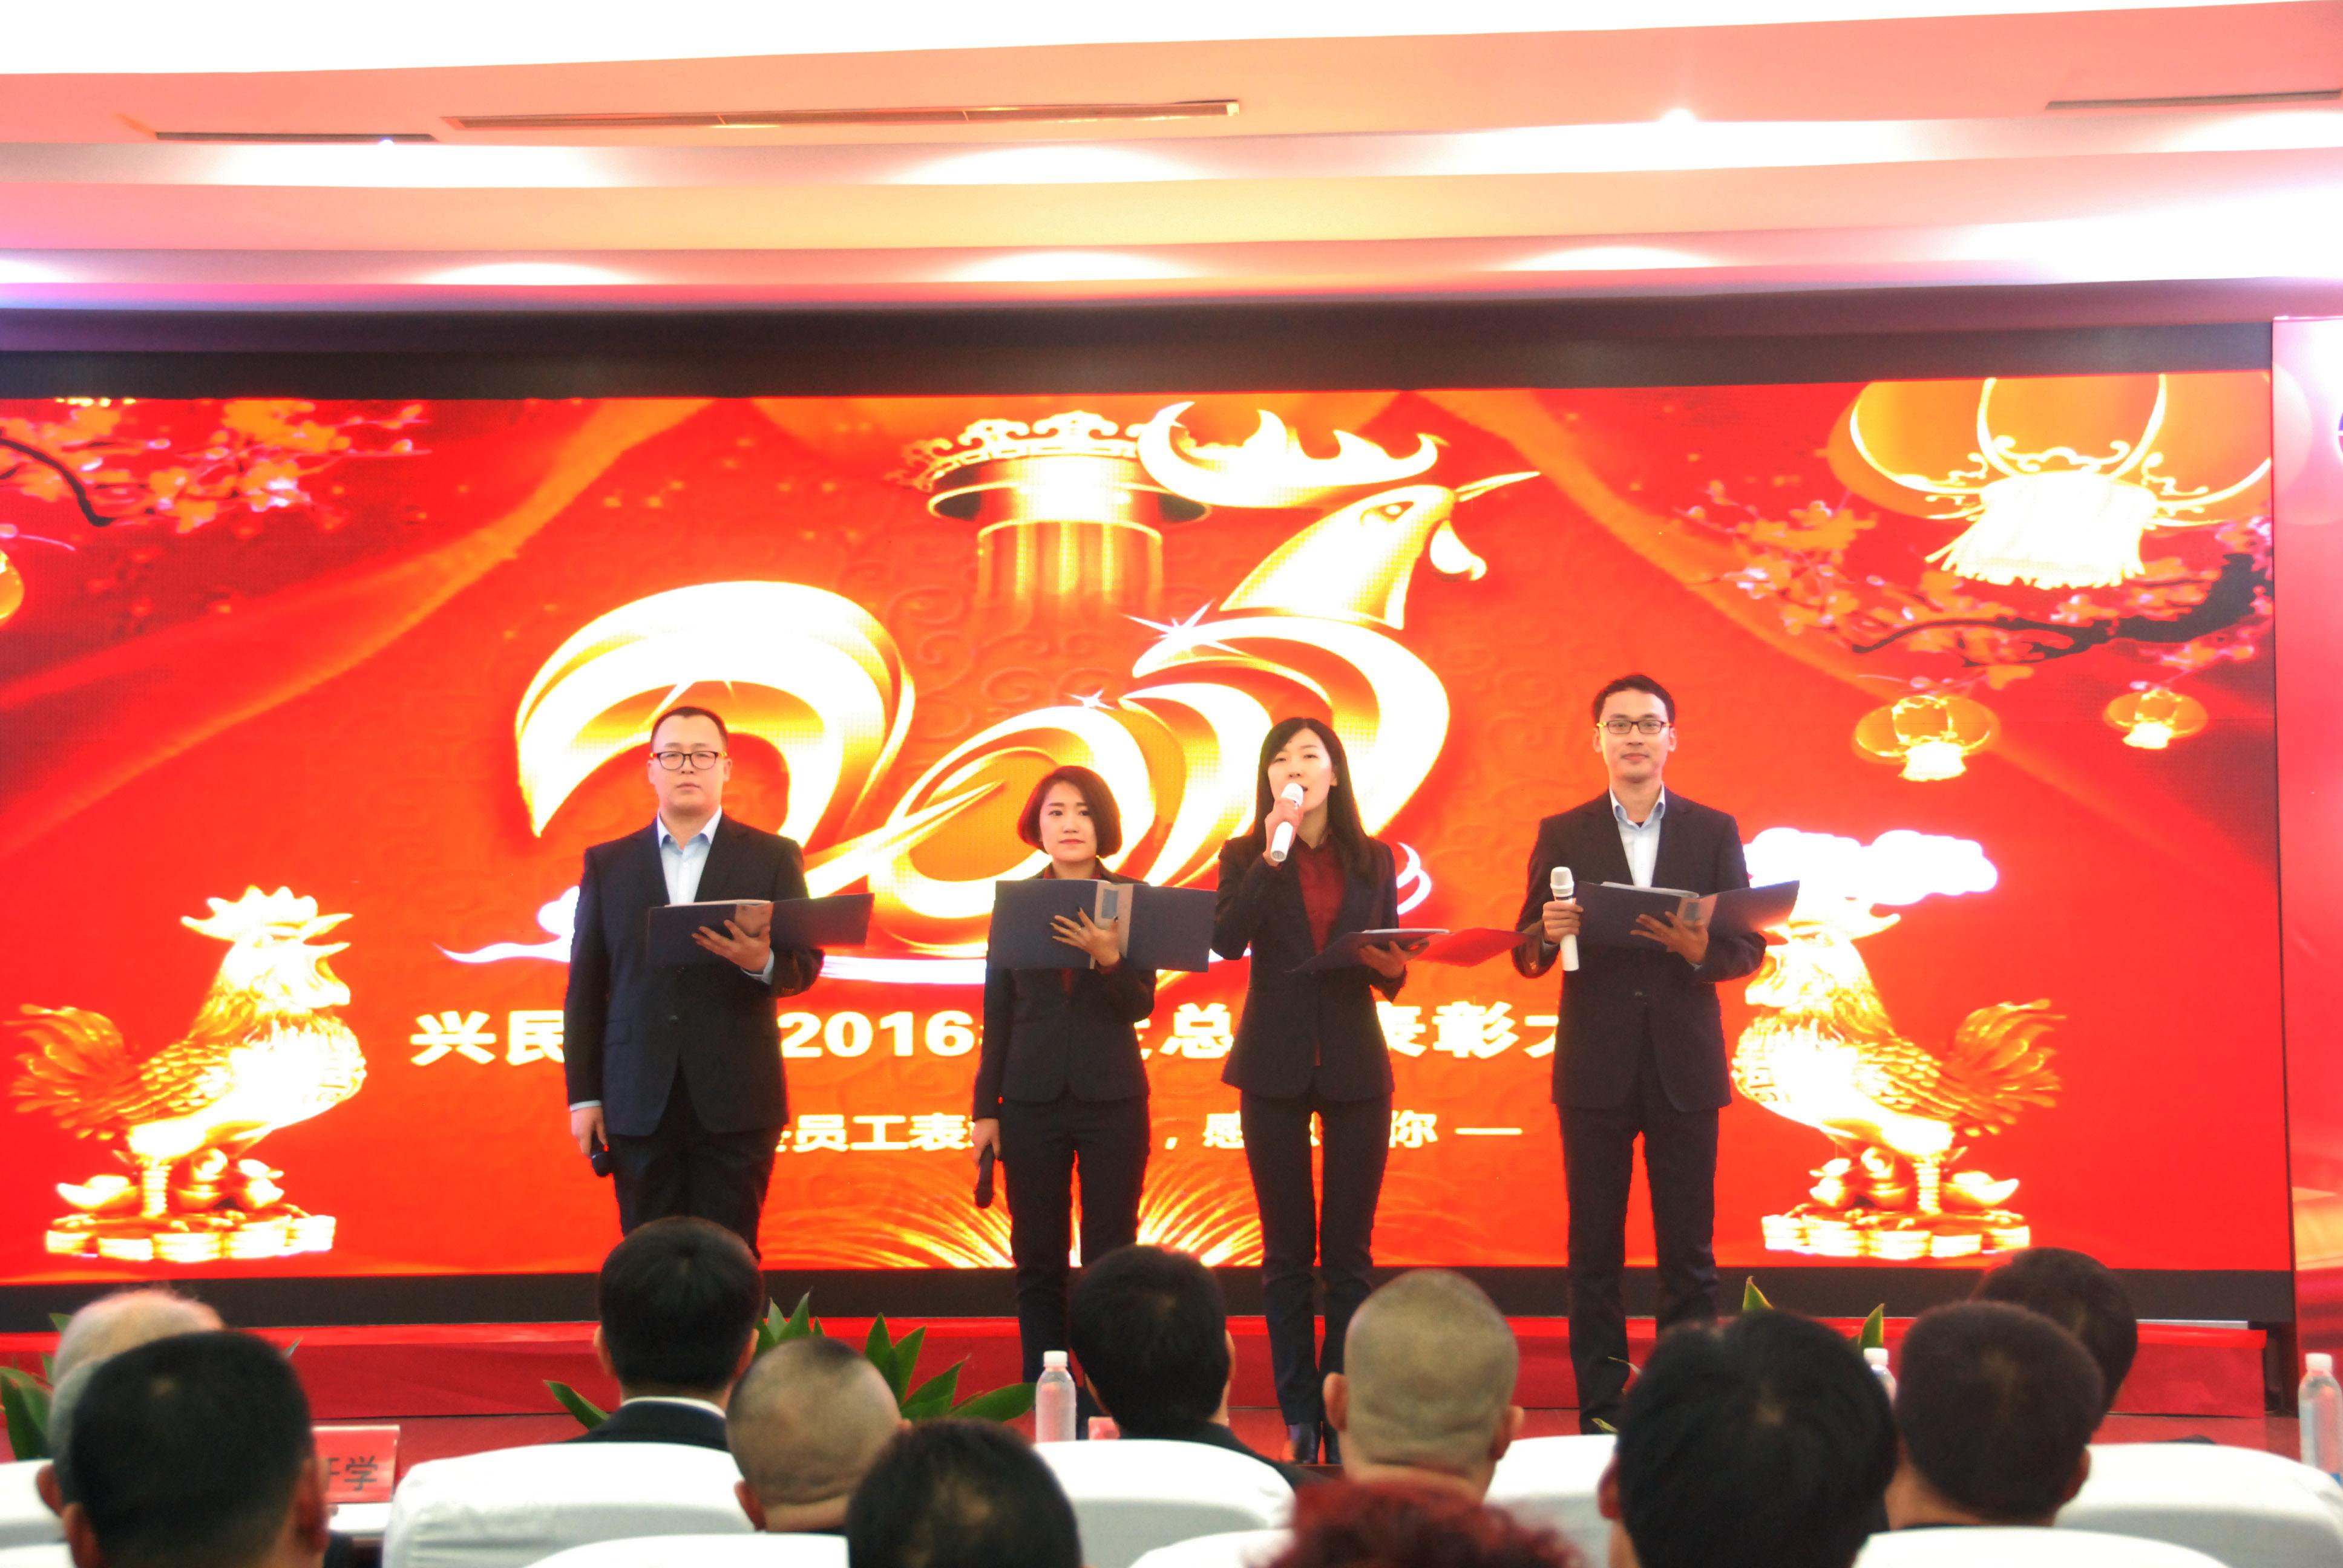 兴民智通2016年度总结表彰大会隆重举行